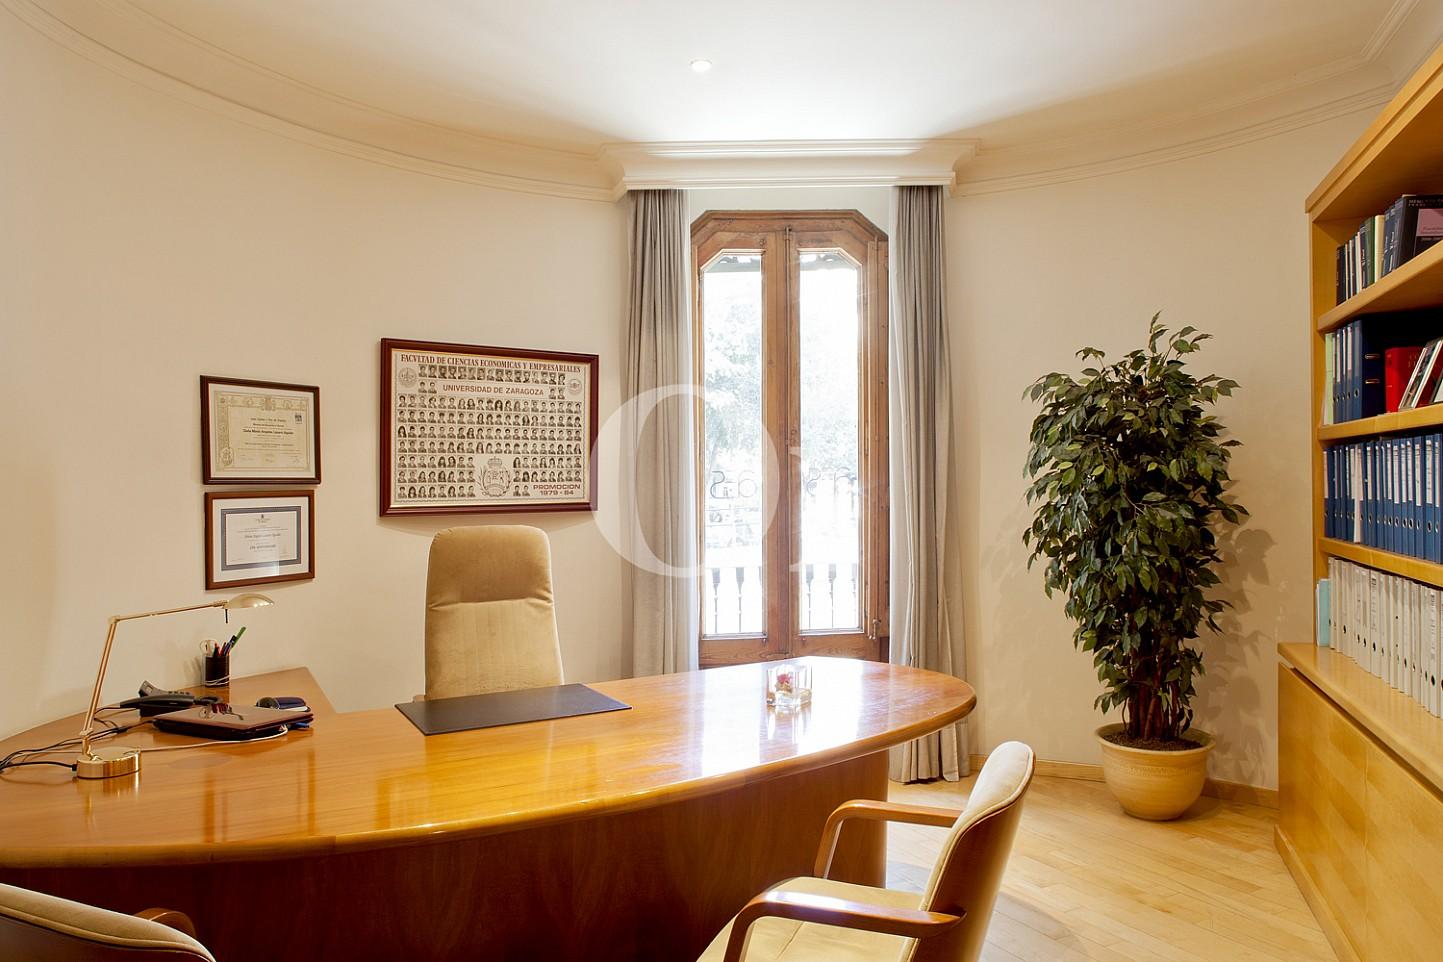 Arbetiszimmer einer Wohnung zum Verkauf im Viertel Eixample Derecho Barcelonas